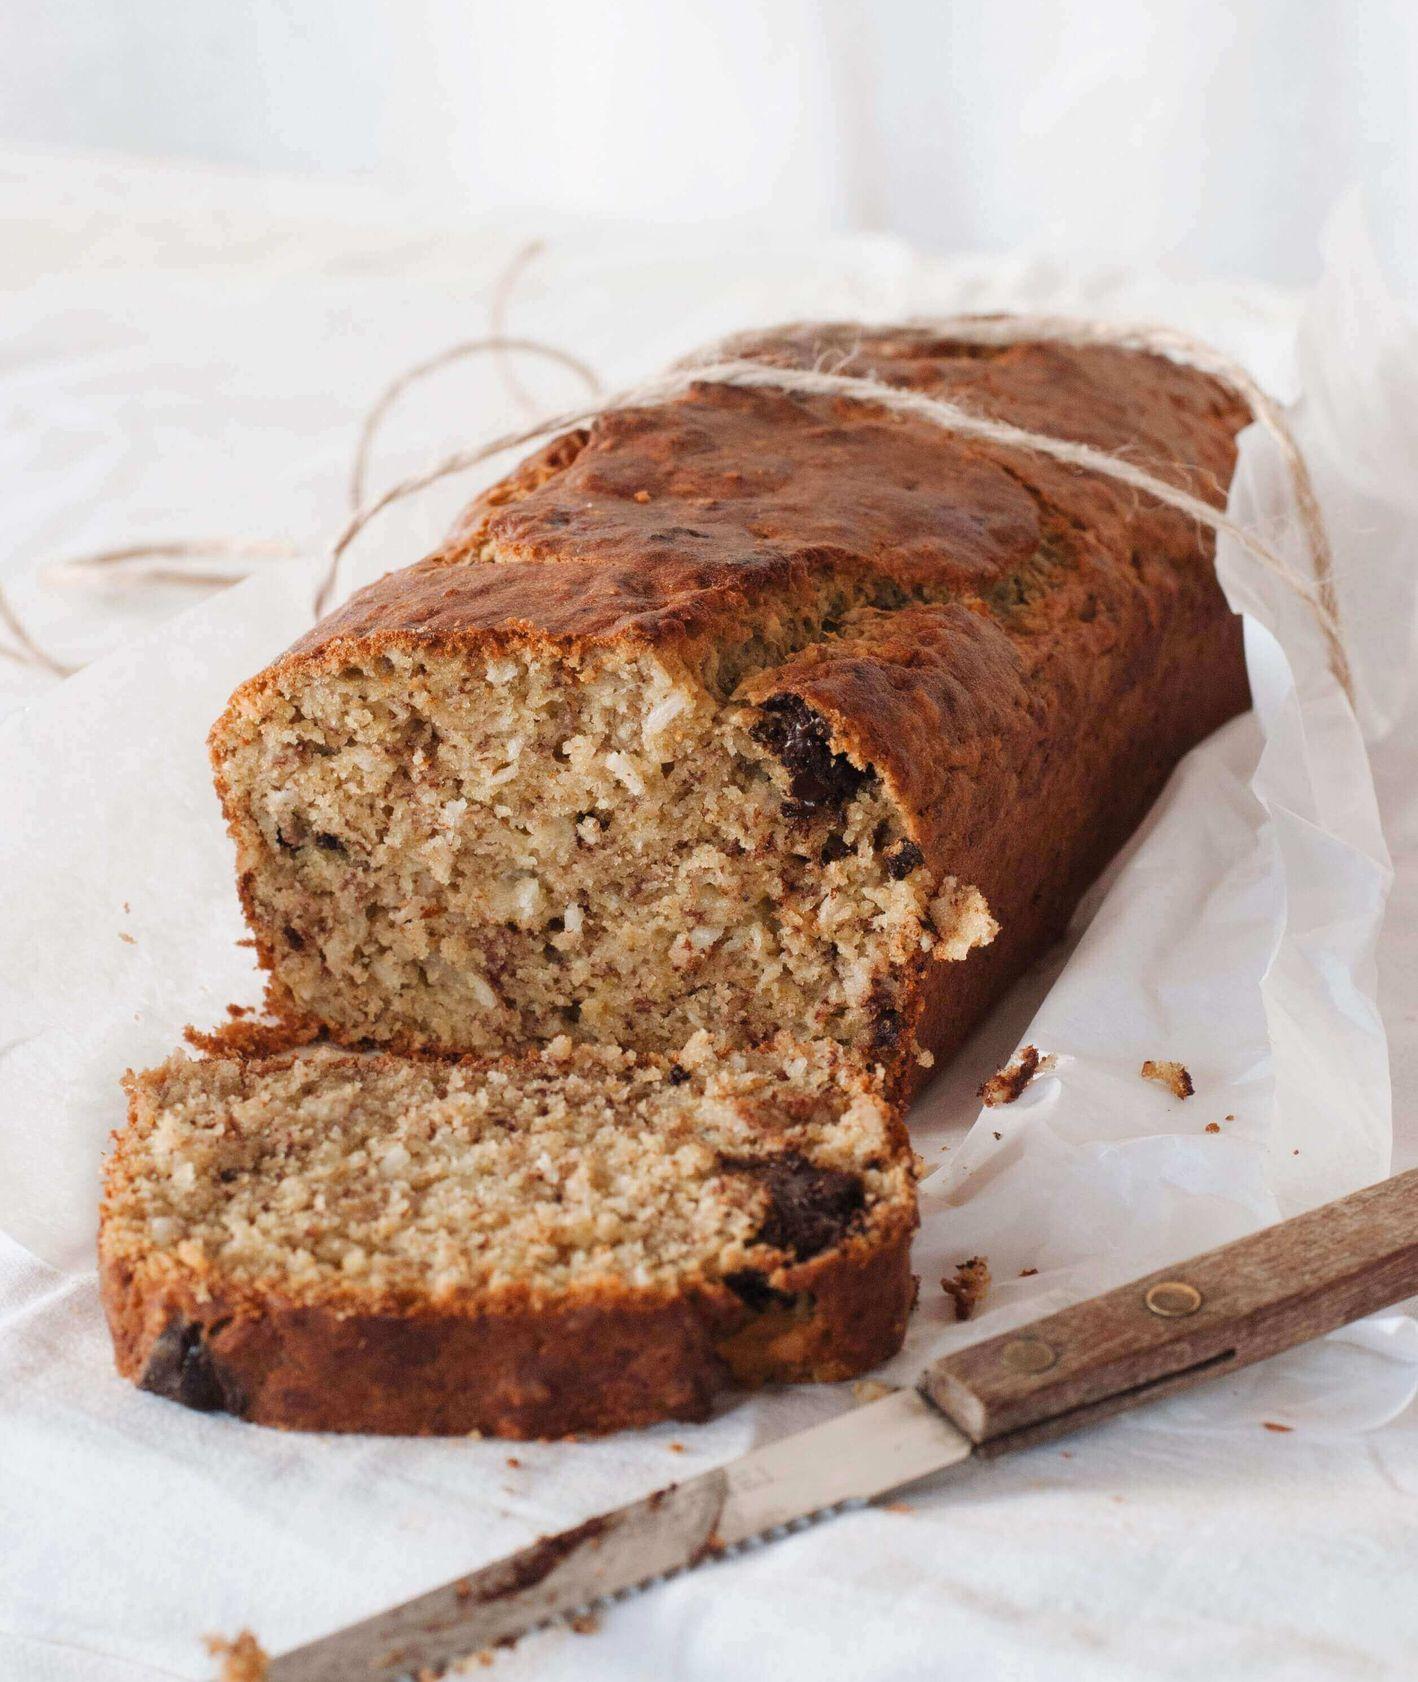 szybkie ciasto bezglutenowe, przepis Lisia Kawiarenka